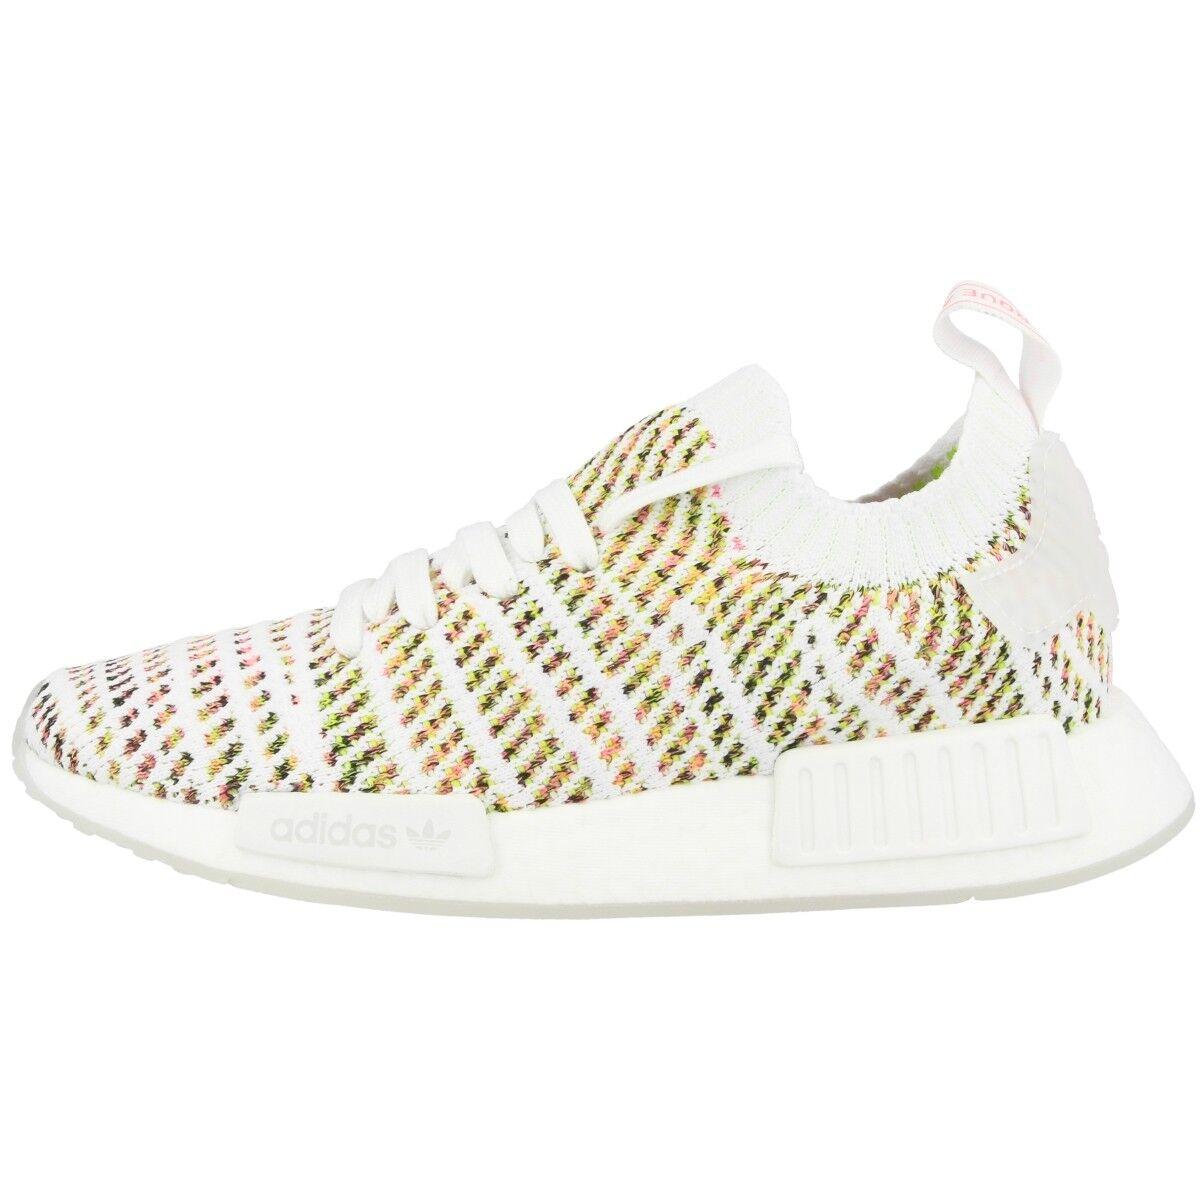 Adidas NMD_R1 STLT PK Primeknit Schuhe damen Damen Turnschuhe Weiß Gelb B43838